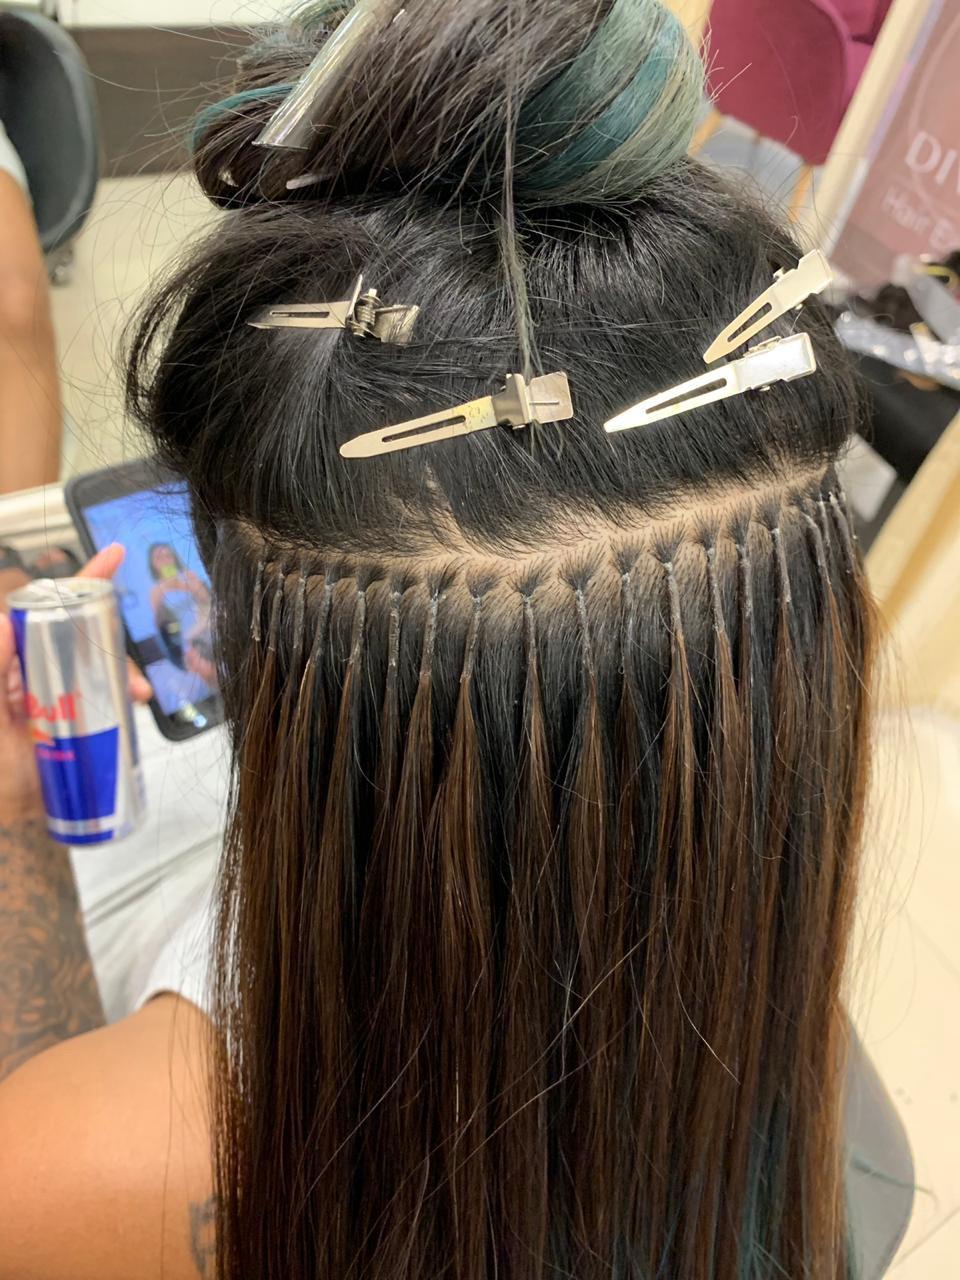 اکستنشن مو تار به تار ، اکستنشن مو تکه ای ، نصب اکستنشن مو